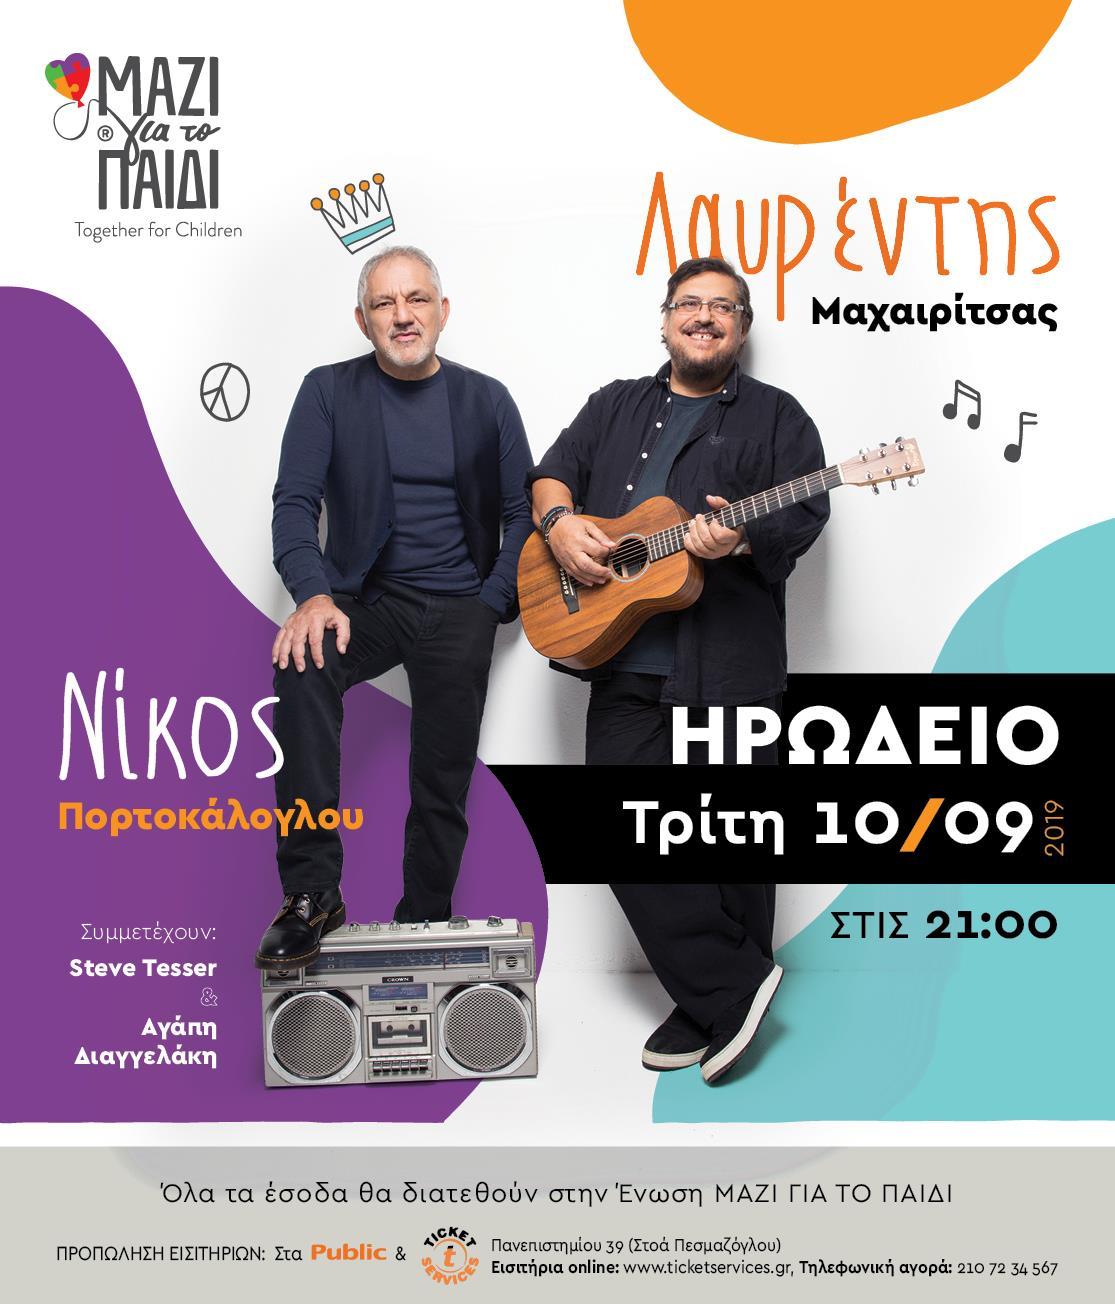 Δωρεάν Εισιτήρια - Συναυλία στο ΗΡΩΔΕΙΟ